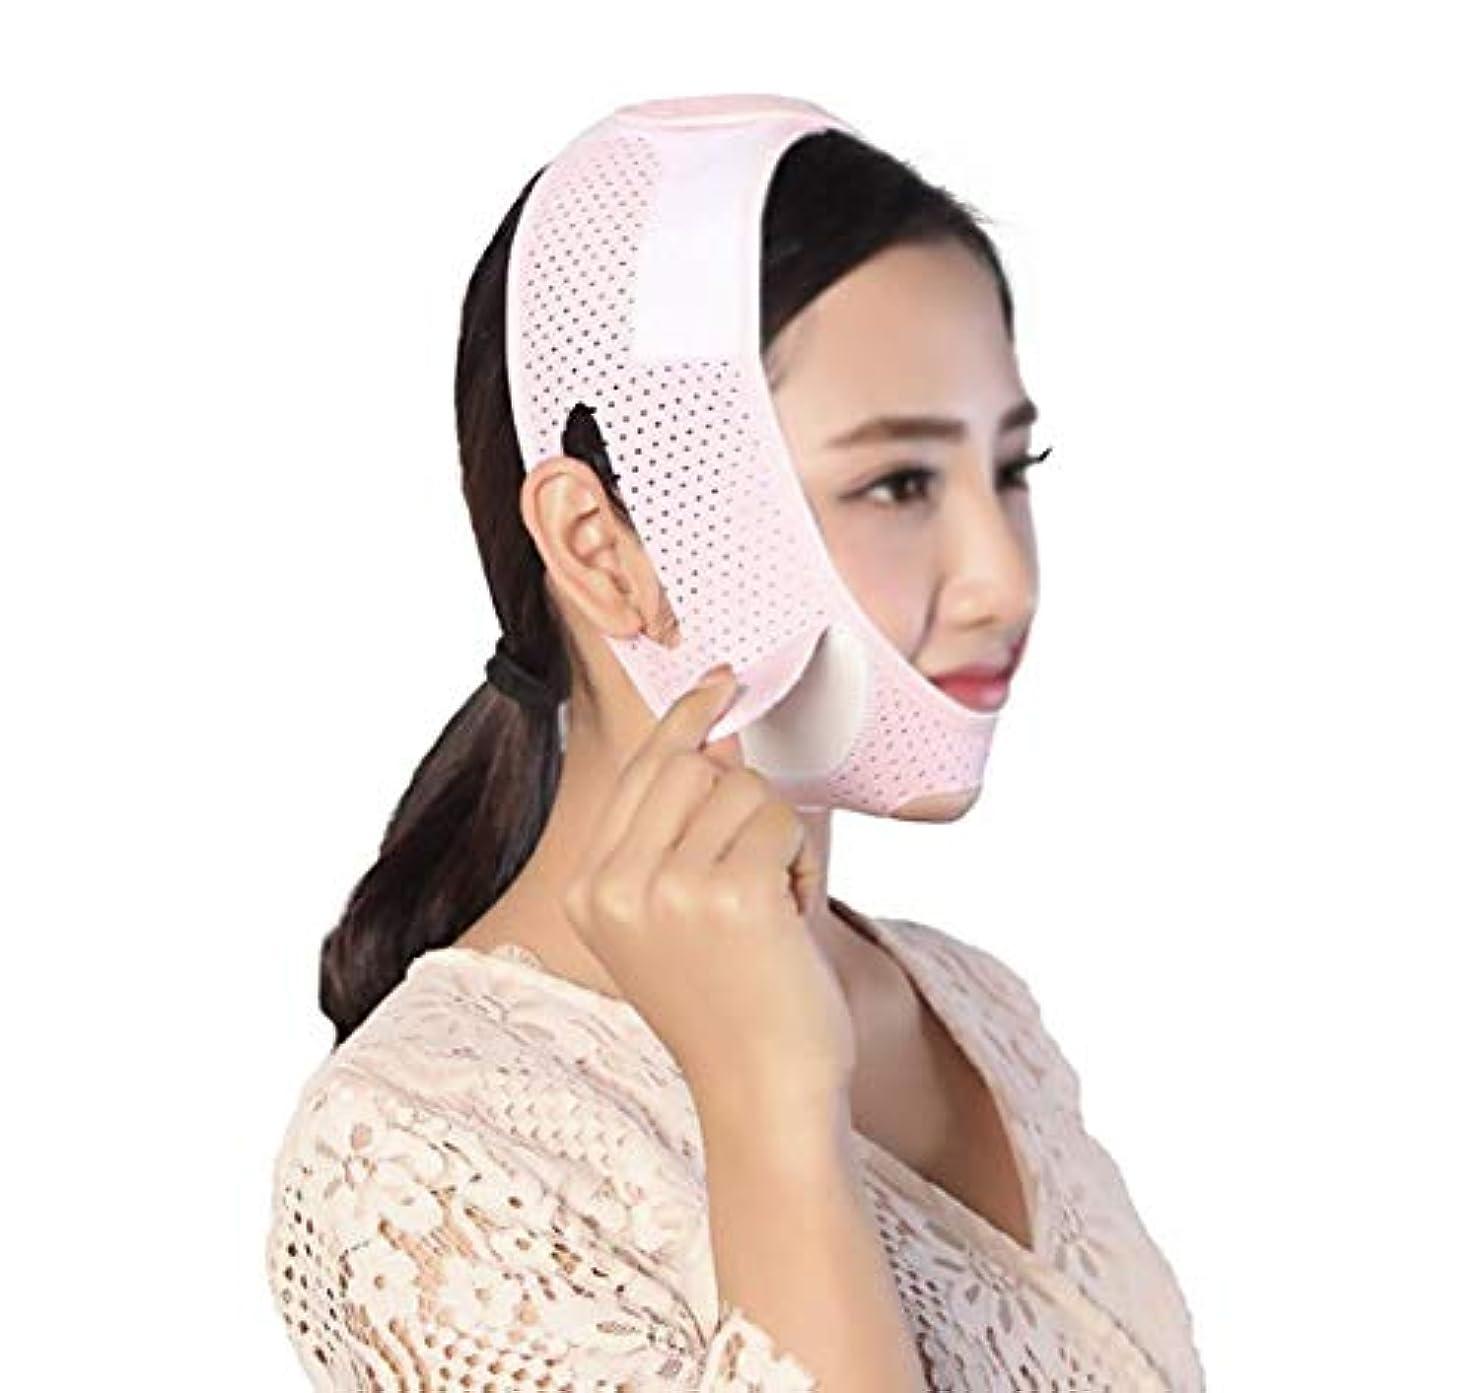 続編カバレッジ神社顔と首を持ち上げる術後弾性セットVフェイスマスクは、チンV顔アーティファクト回復サポートベルトの収縮の調整を強化します。